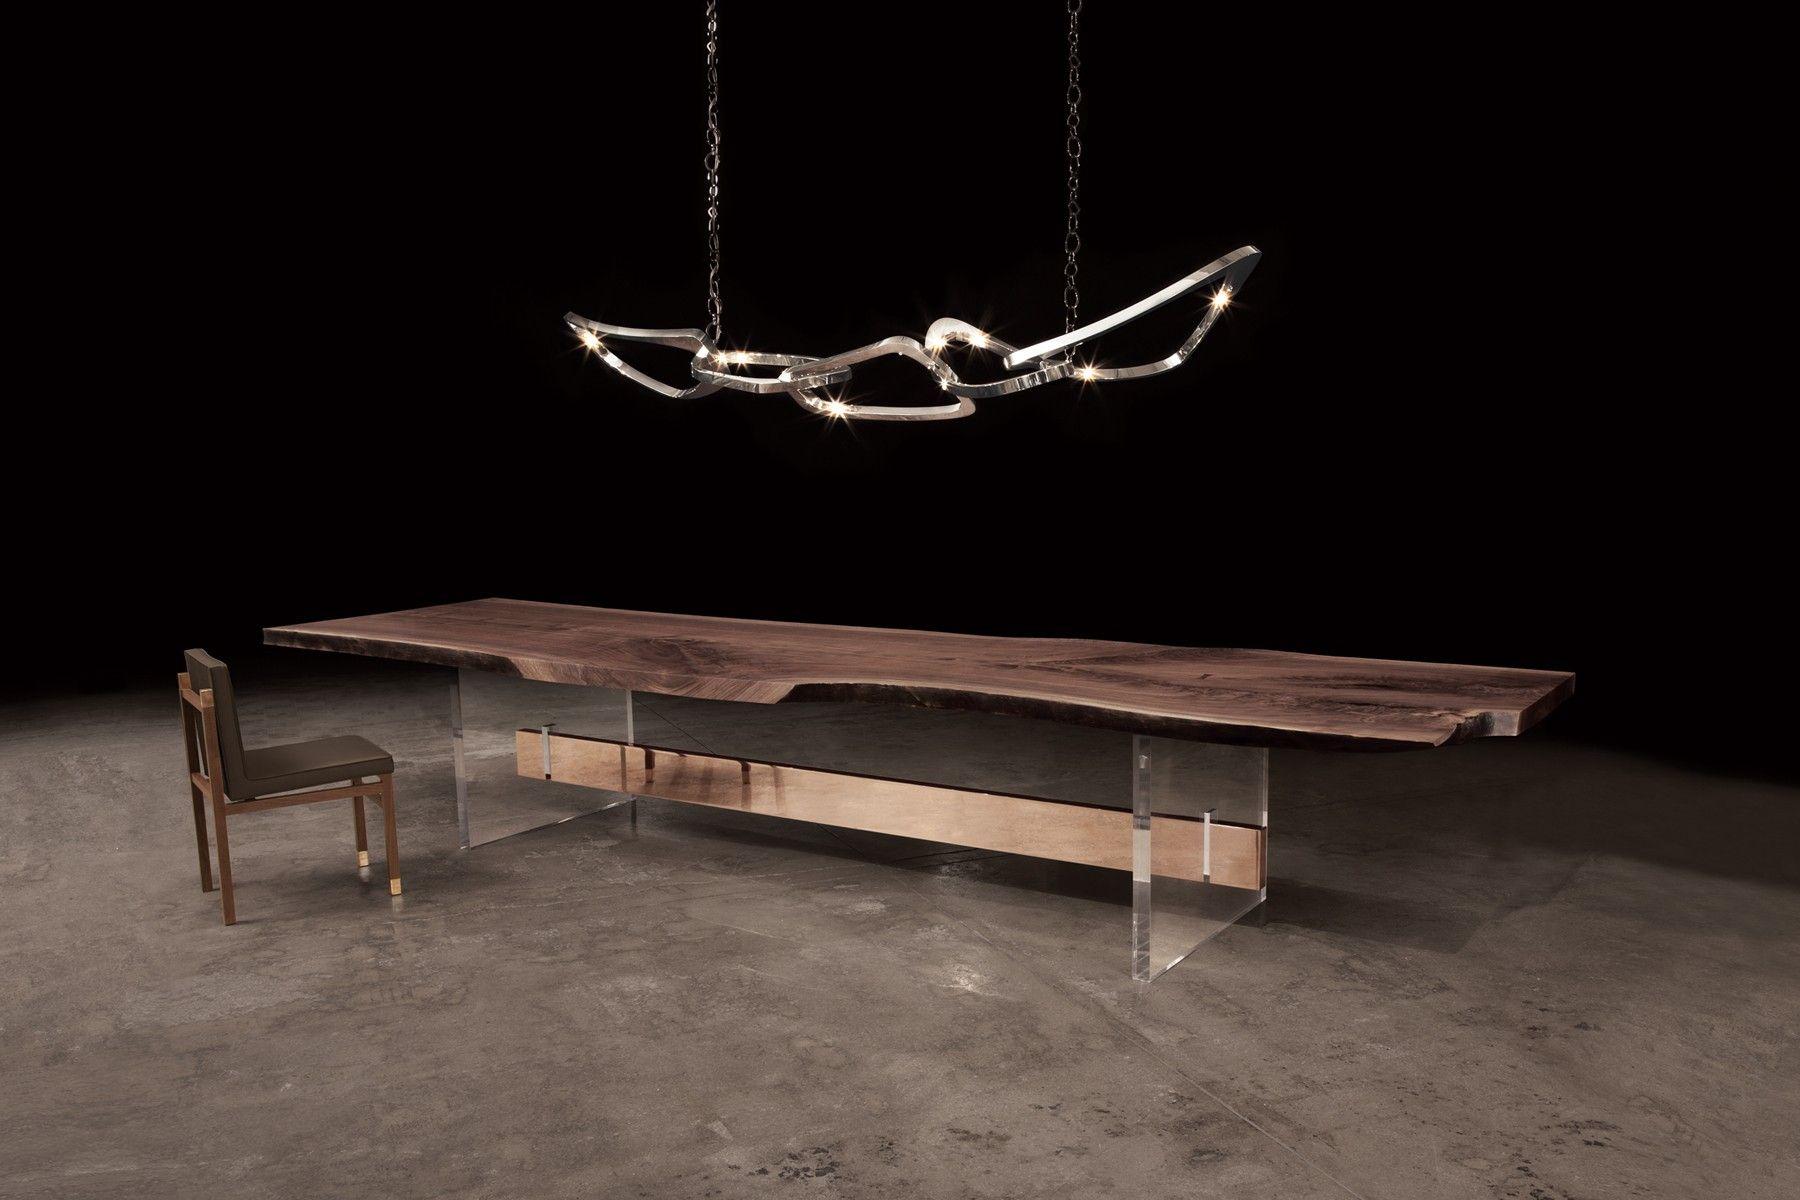 hudson furniture images largeHommesjpg Furniture Pinterest